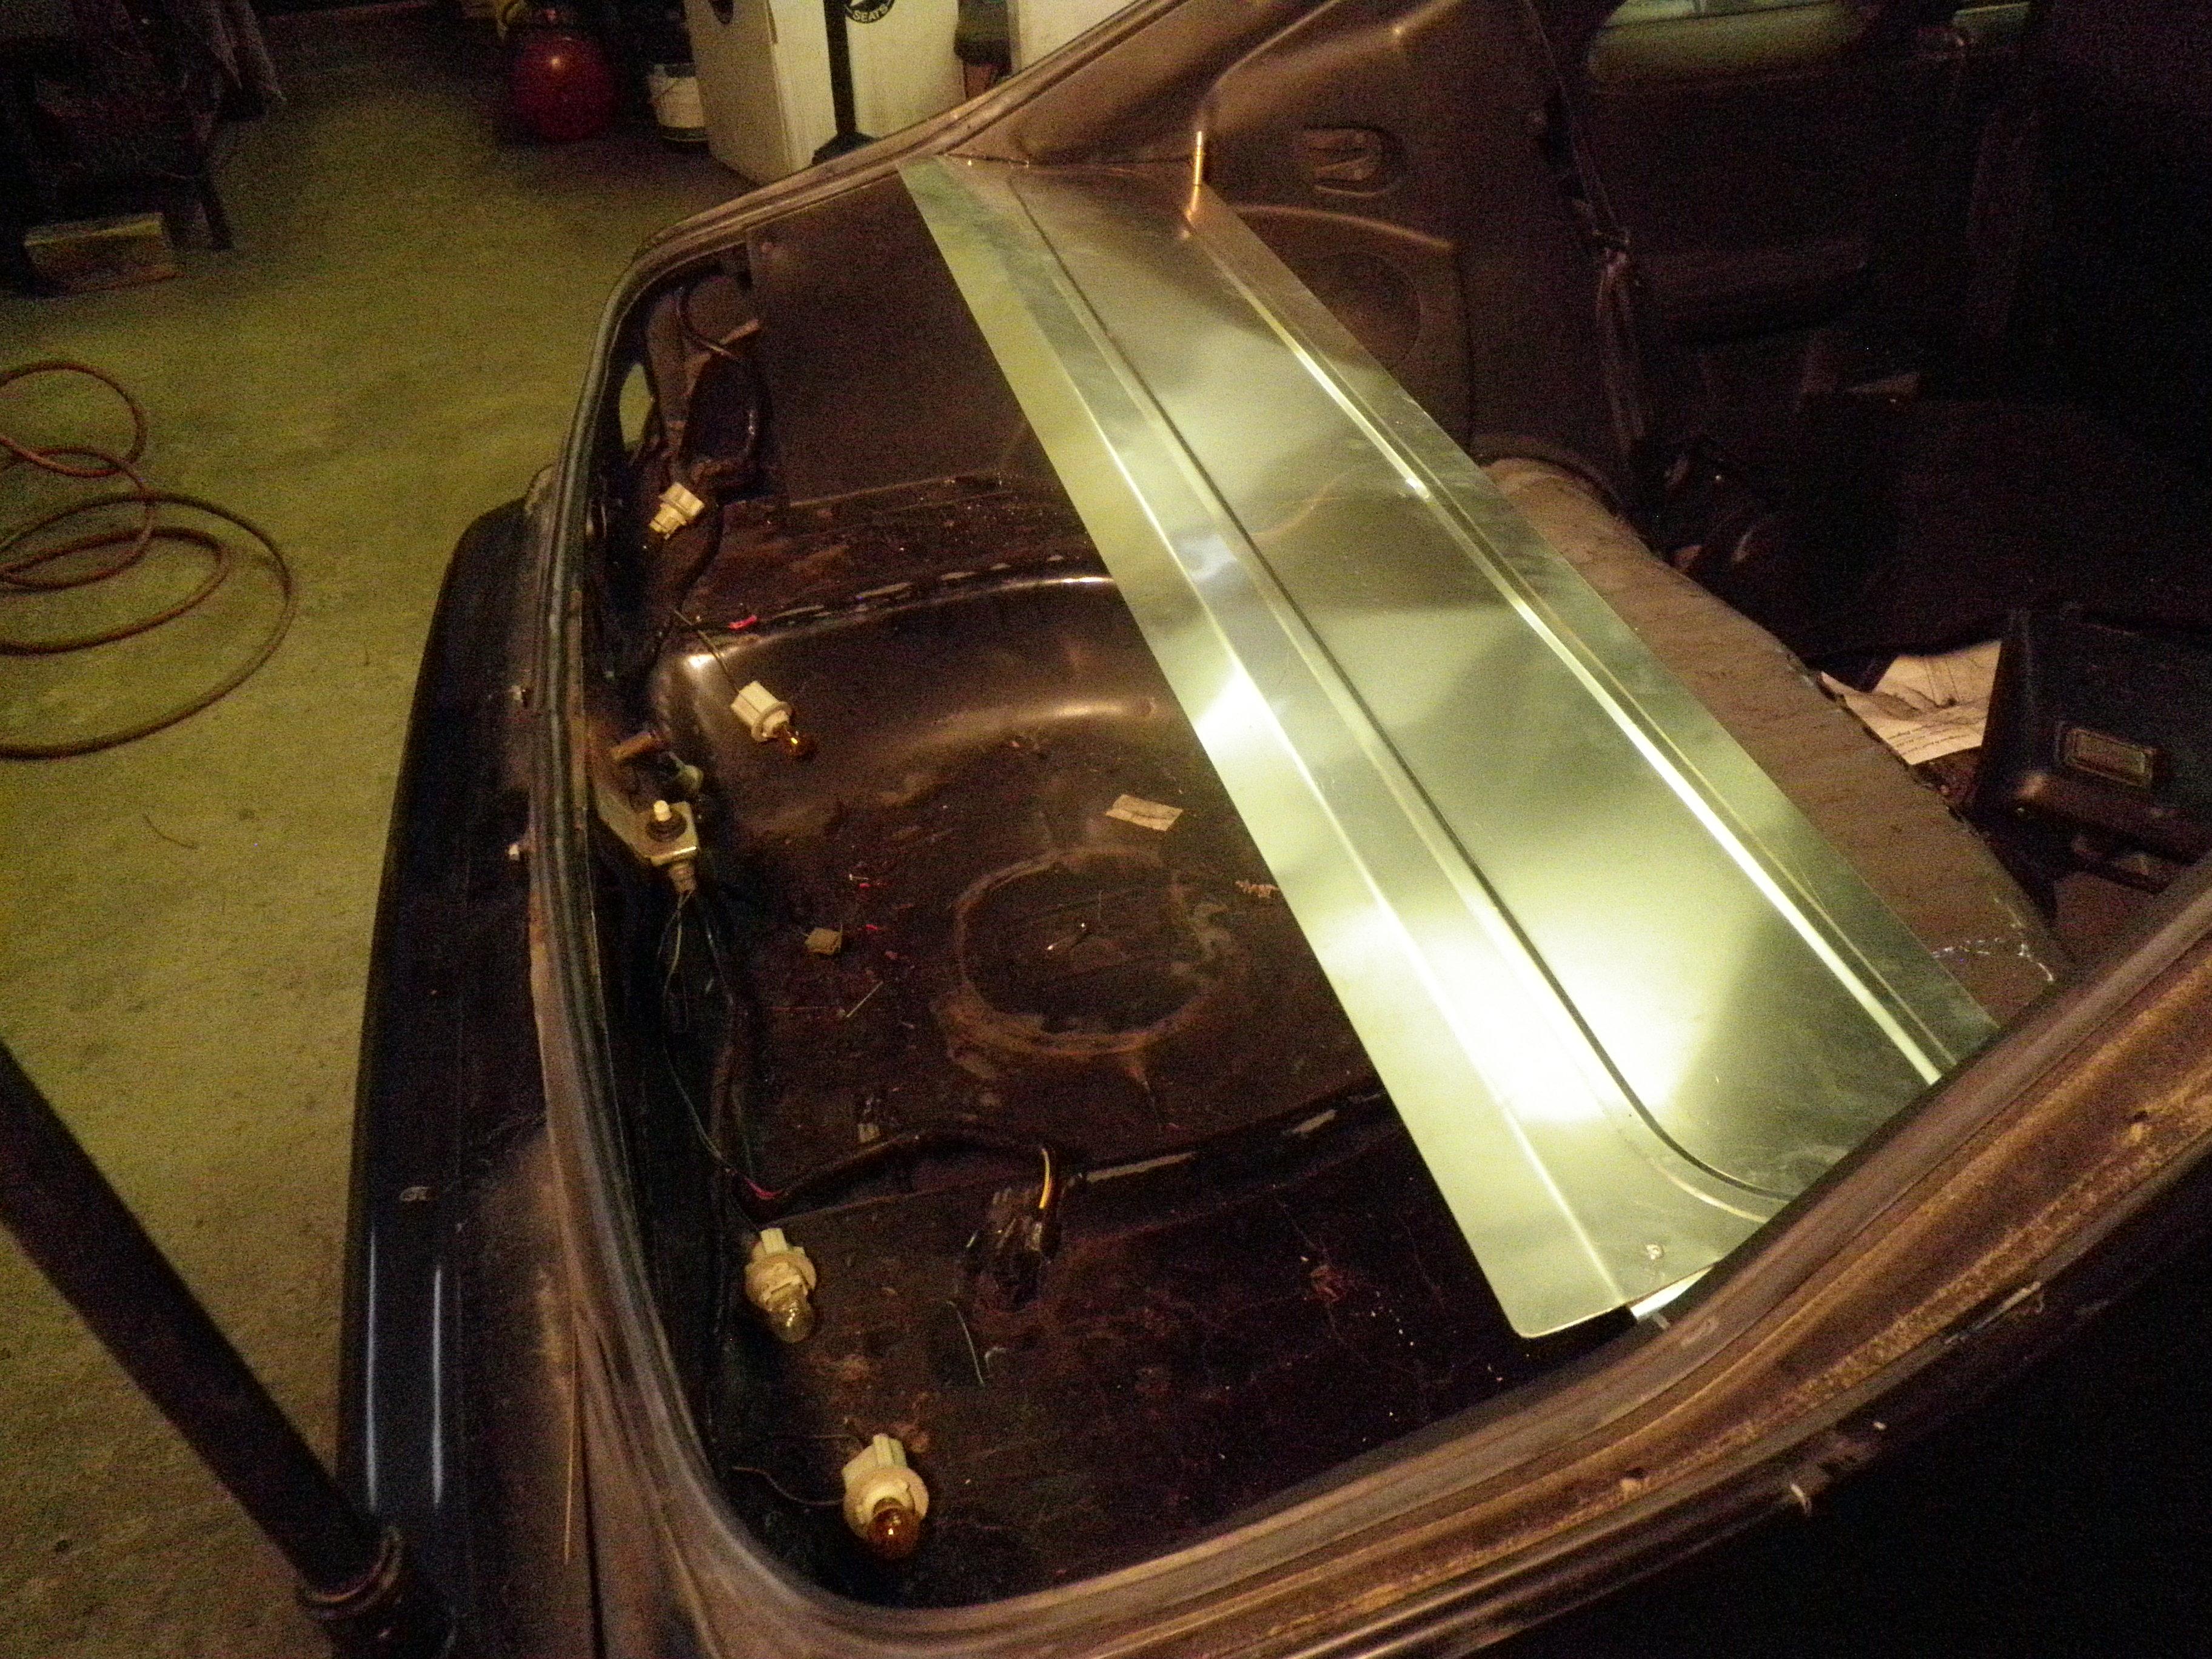 87 93 Mustang Hatch Rear Firebreak Wild Rides Wild Rides